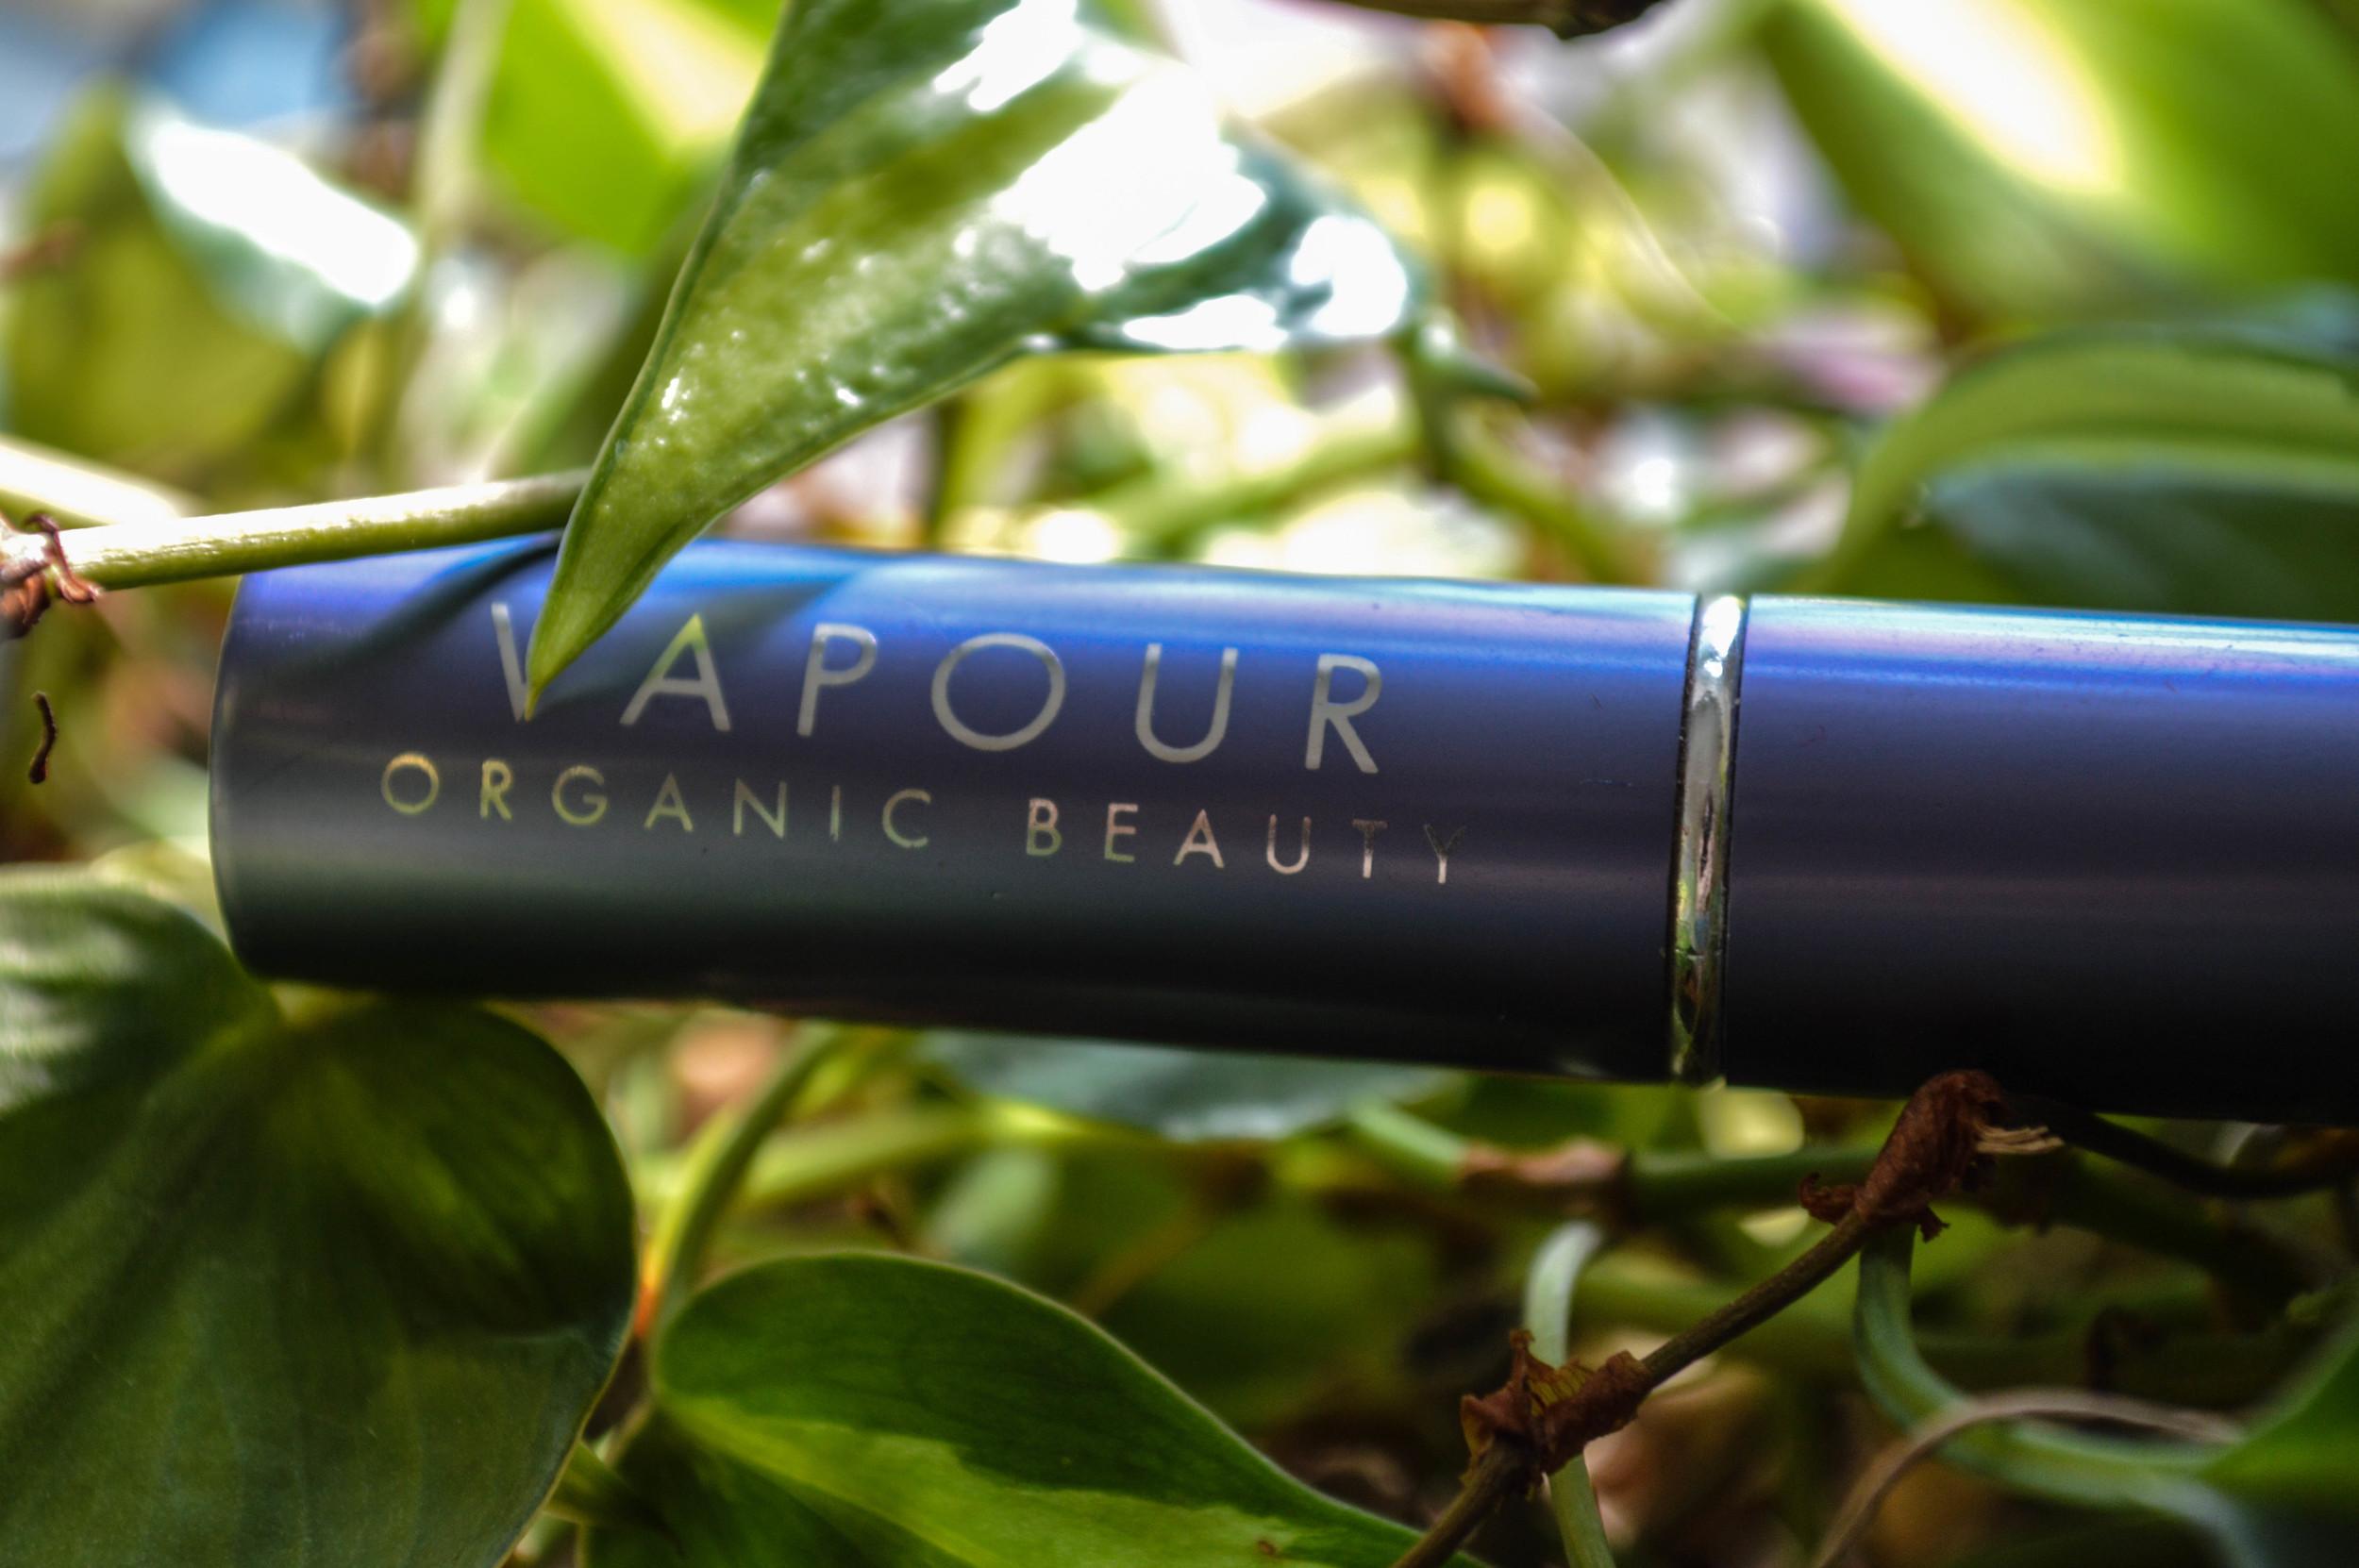 Vapour lipstick